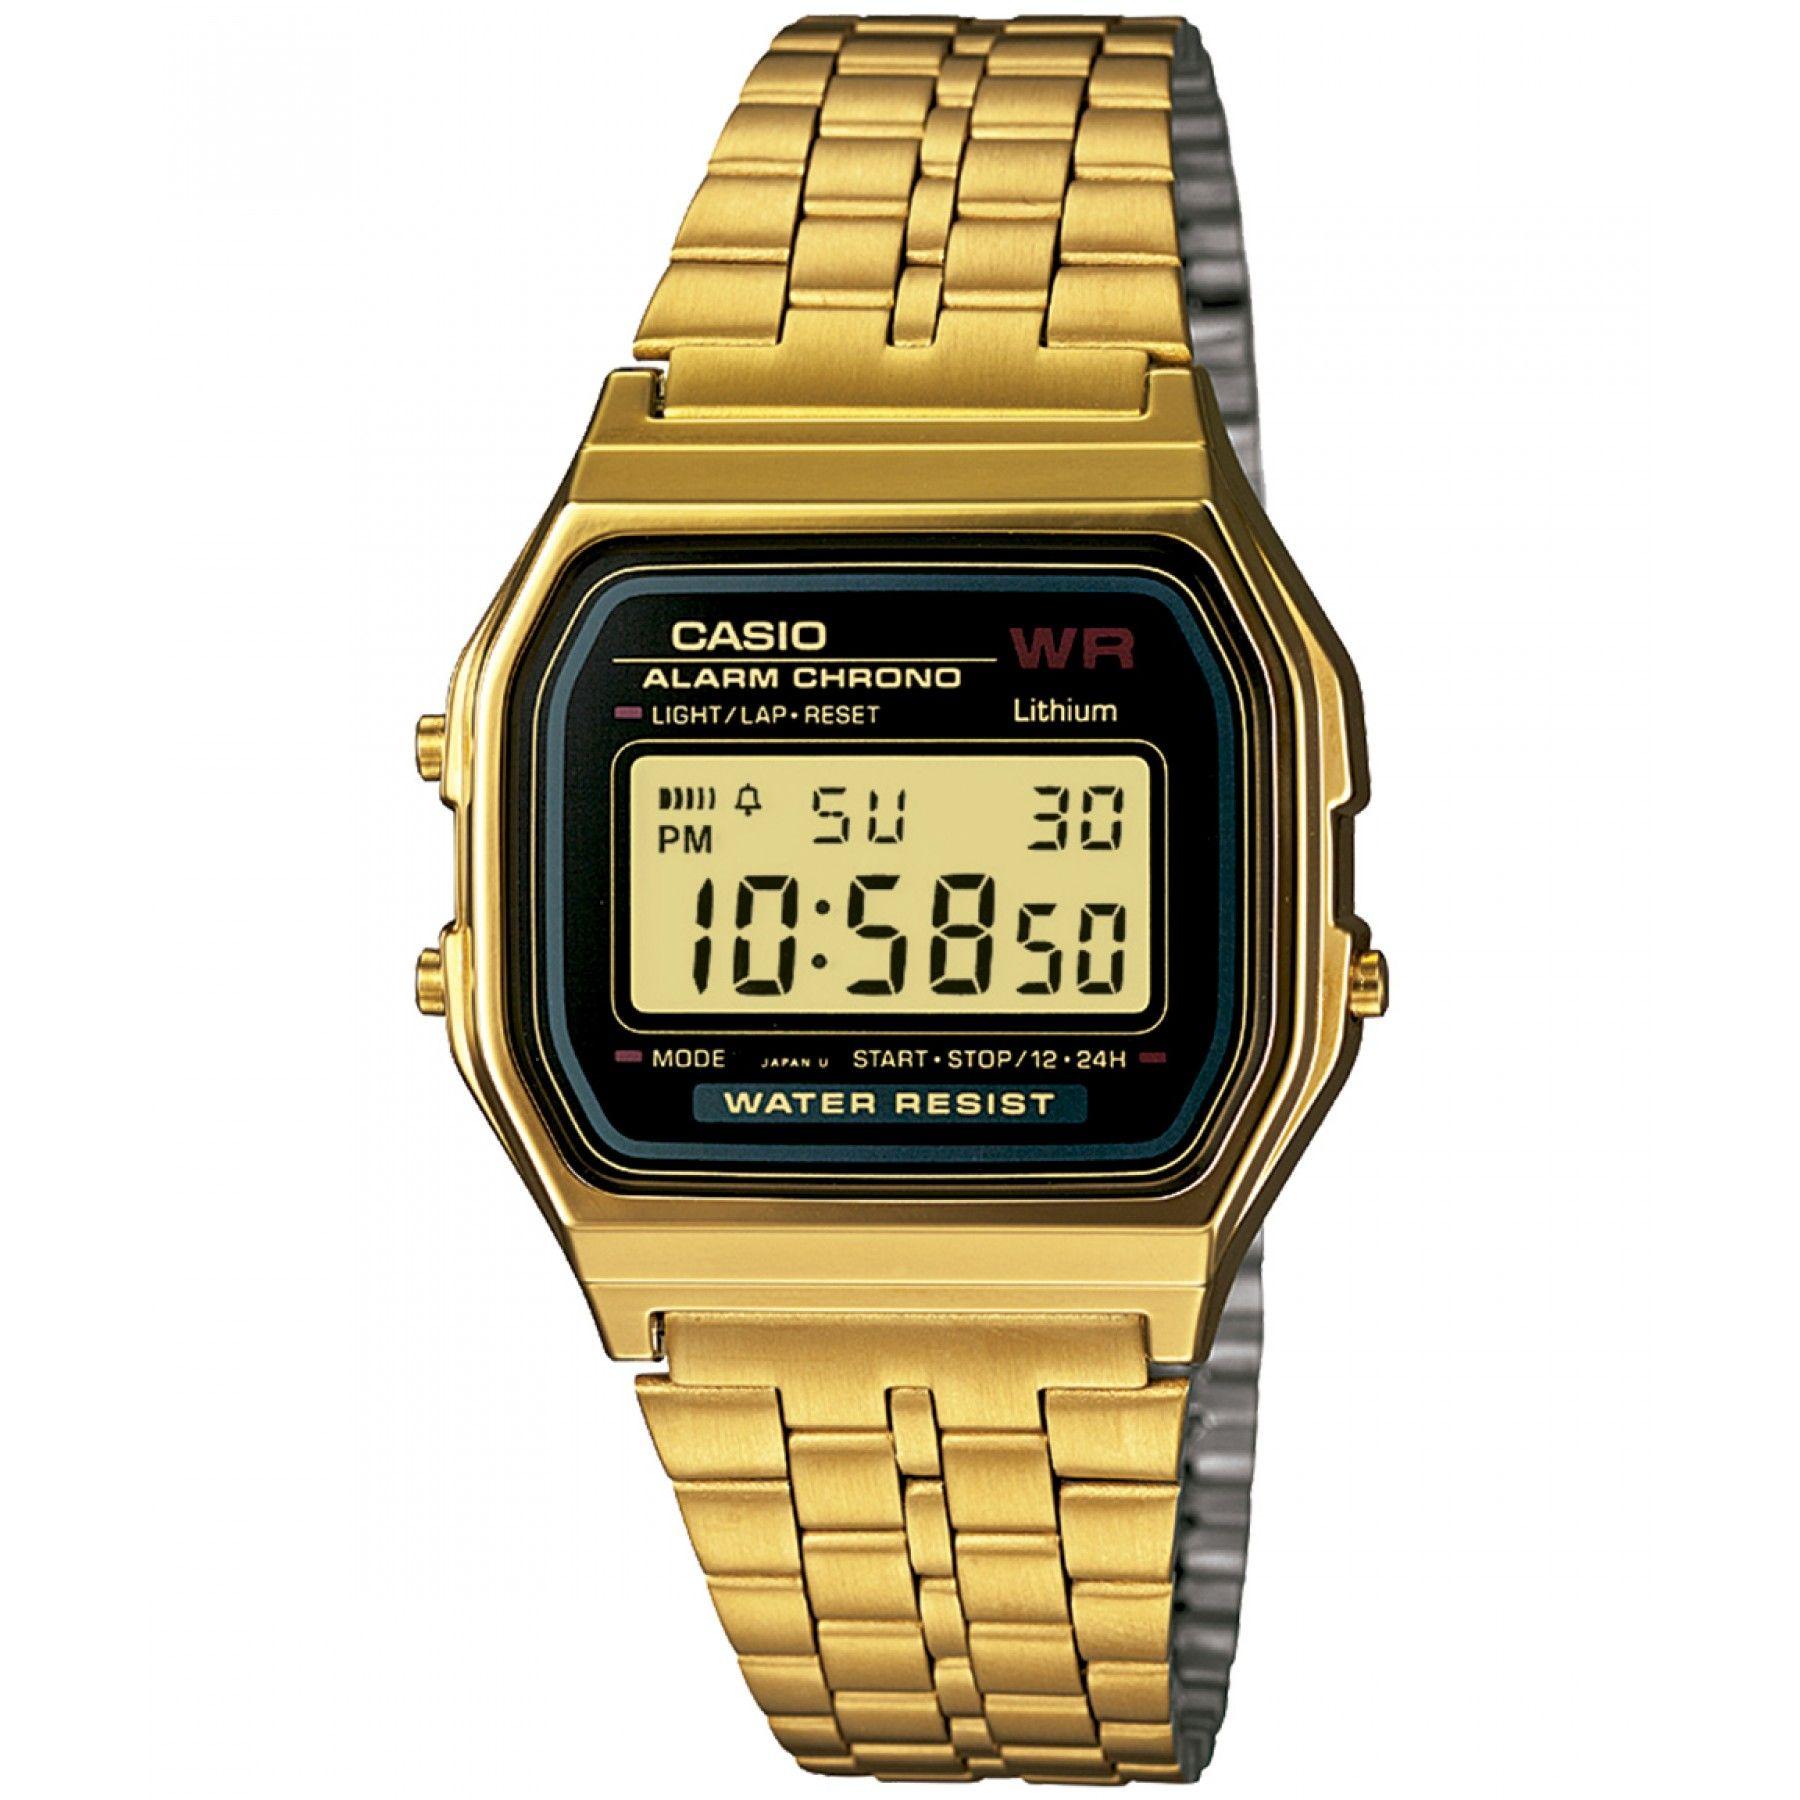 a6d8f9a044eb Reloj Casio con caja y bisel de acero inoxidable con acabado dorado  extensible de brazalete carátula negra con display y funciones de Alarma  Diaria y ...